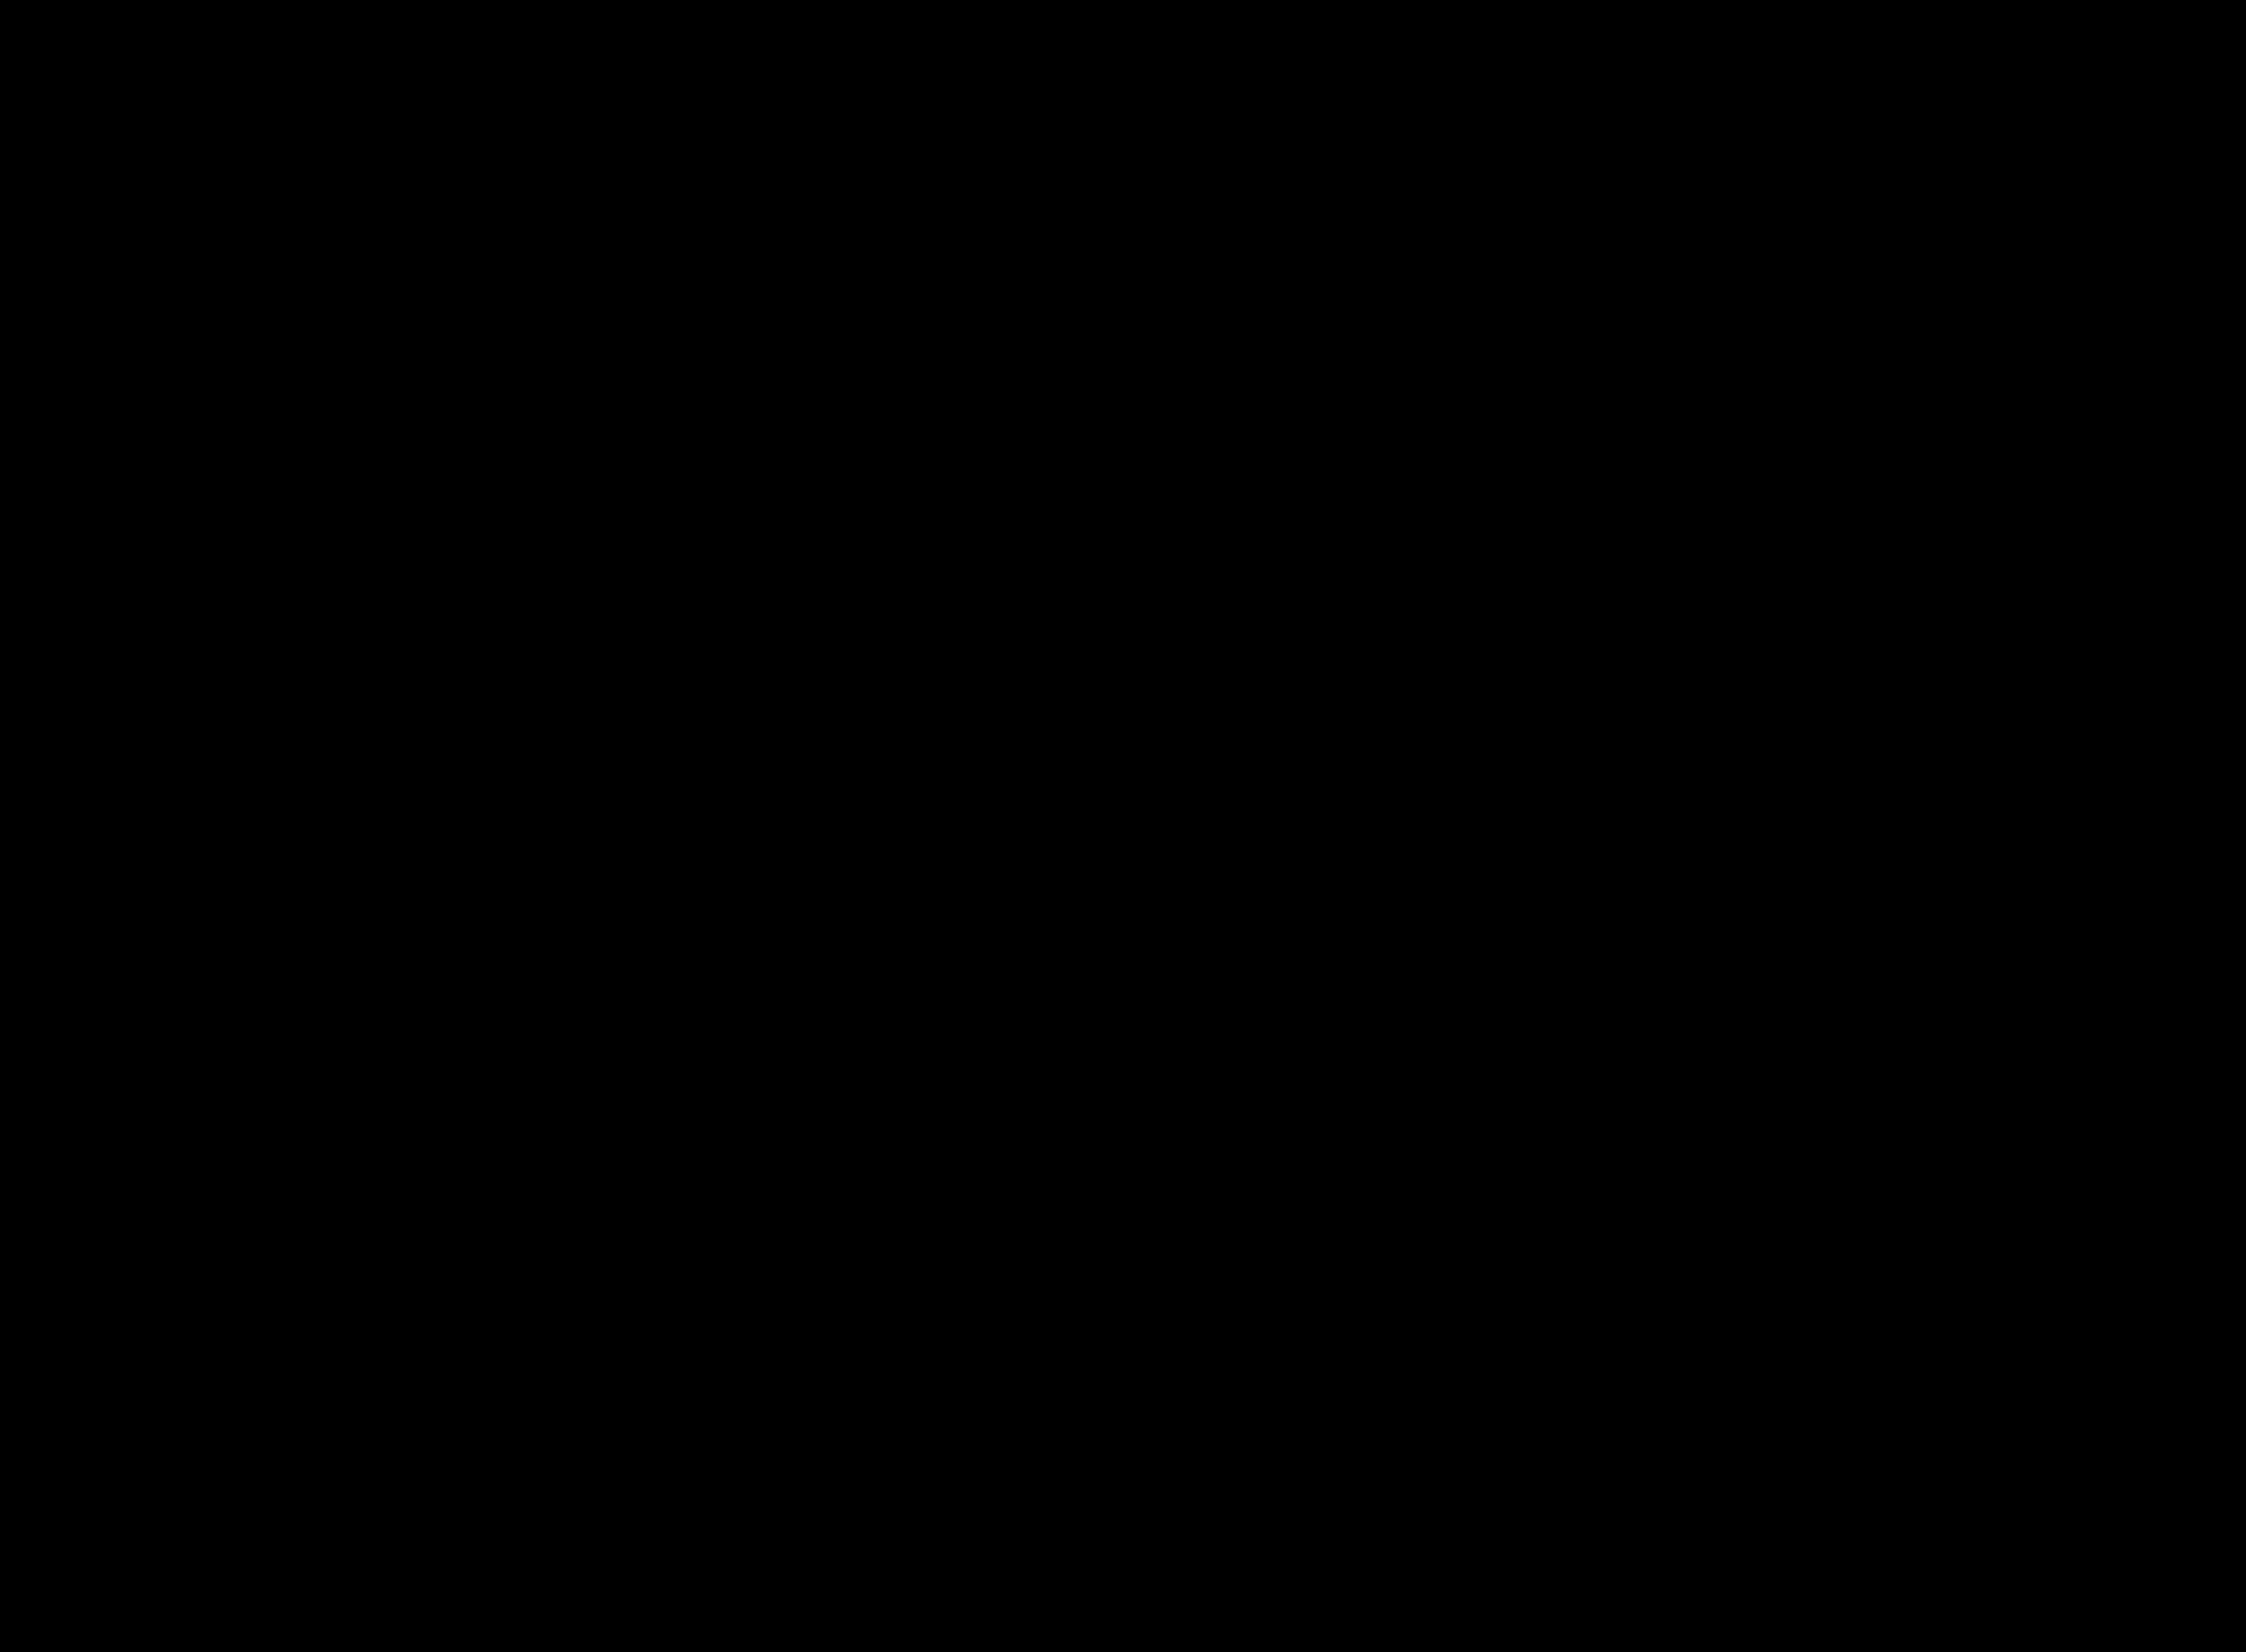 WPQ872